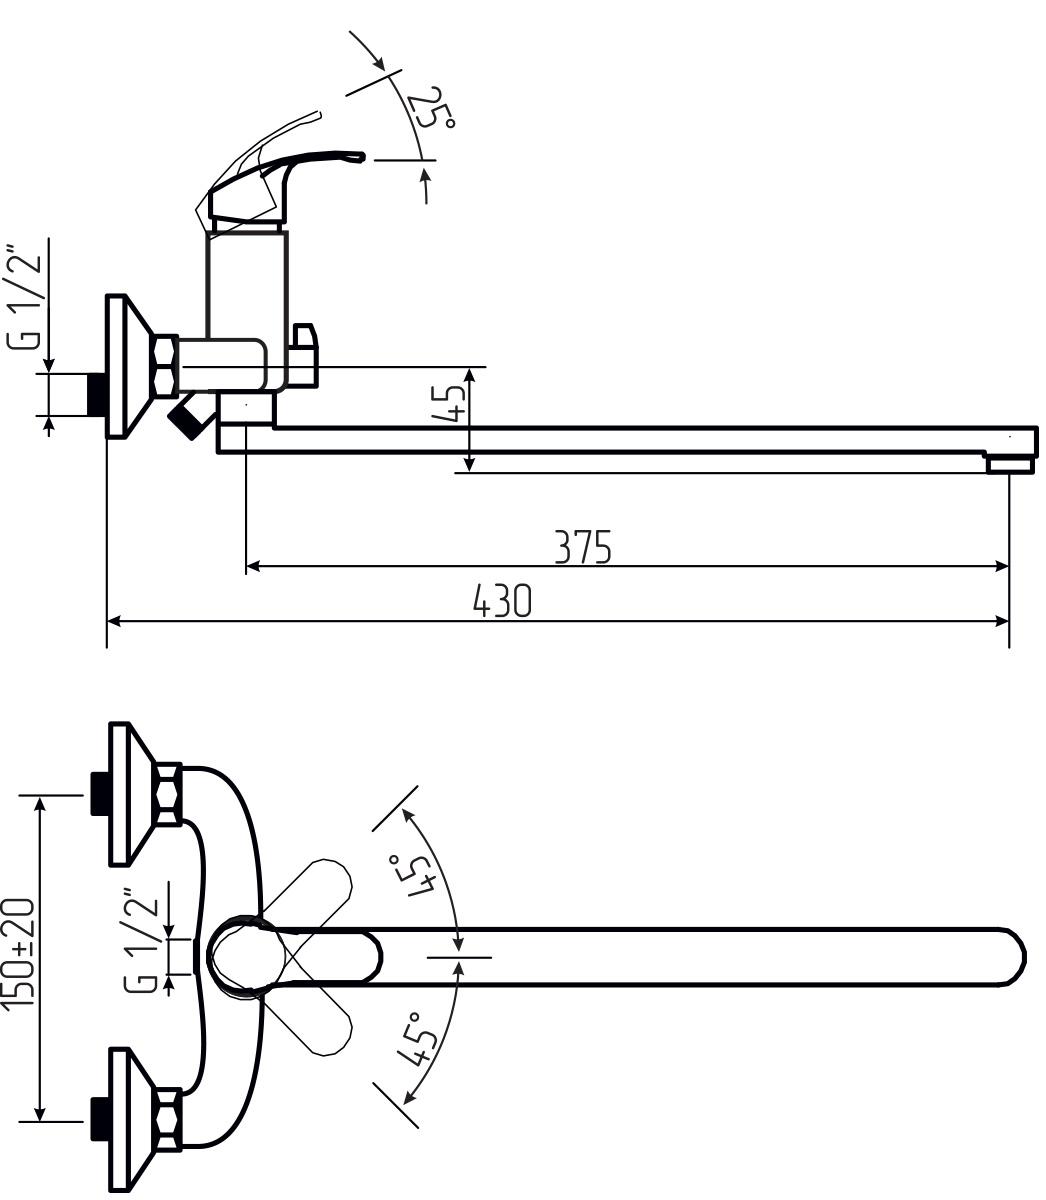 """Смеситель для ванны и умывальника Argo """"Oksa"""" предназначен для смешивания холодной и горячей воды, устанавливается на стену. Выполнен из высококачественной латуни с покрытием из хрома. Запорный механизм: картридж d-35 мм """"Long-size"""". Тип дайвотера: керамбукса. Аэратор: ячейковый М24х1 """"OnlyPlast"""" 10-13 л/мин при 0,3 МПа. Крепеж: эксцентрик 3/4"""" x 1/2"""", прокладка-фильтр. Длина излива: 37,5 см."""